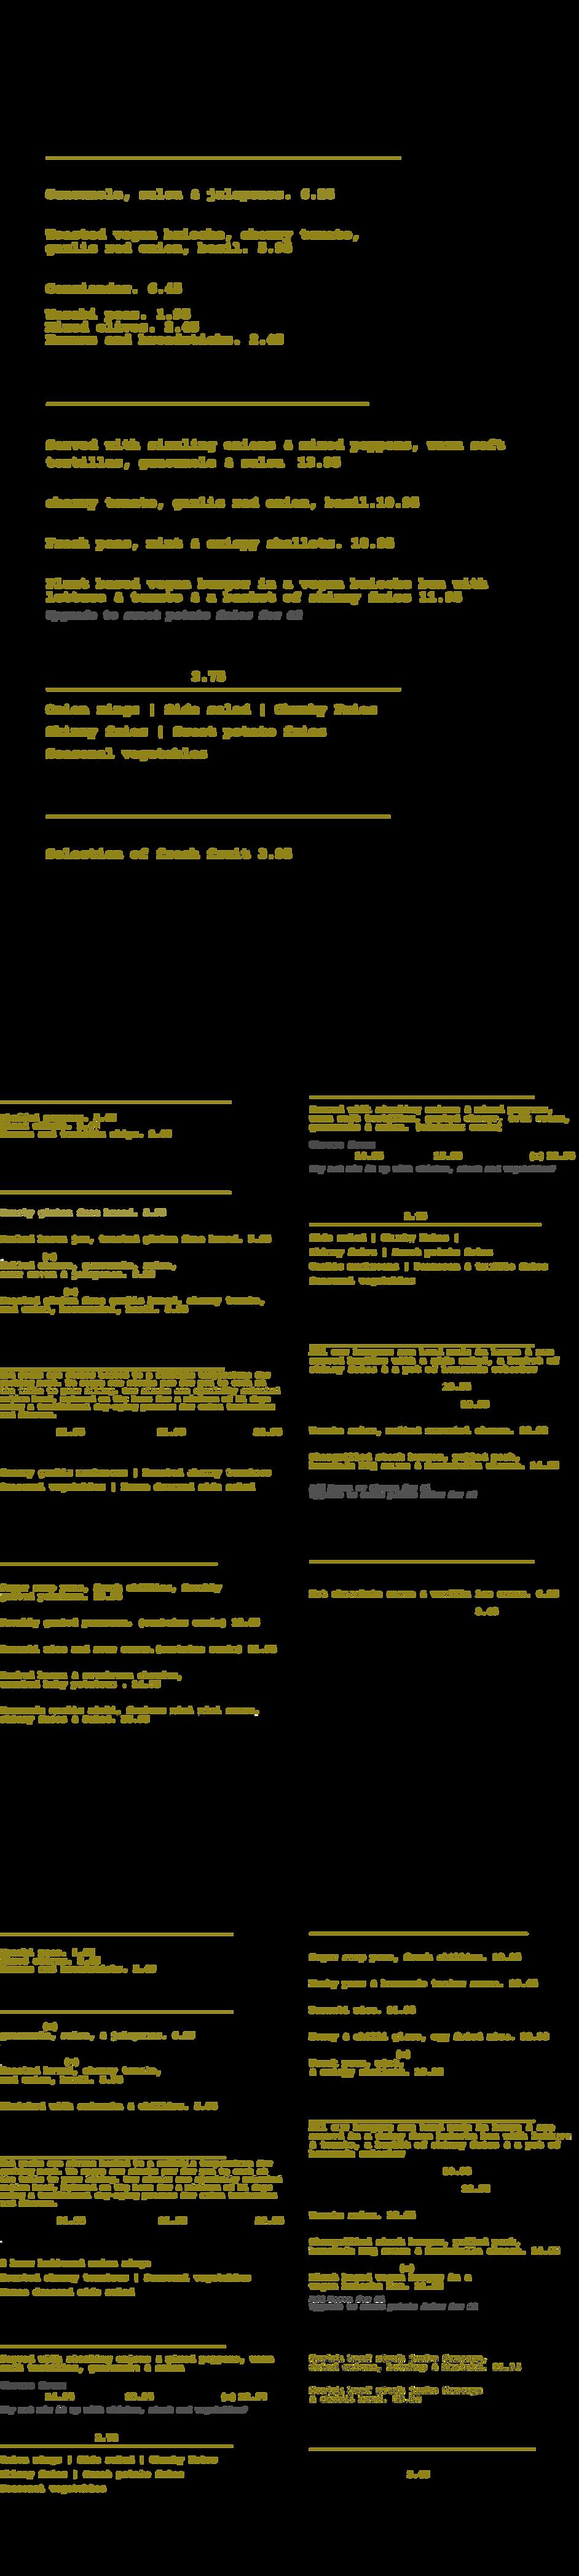 GF-DF-VGN-menu.png